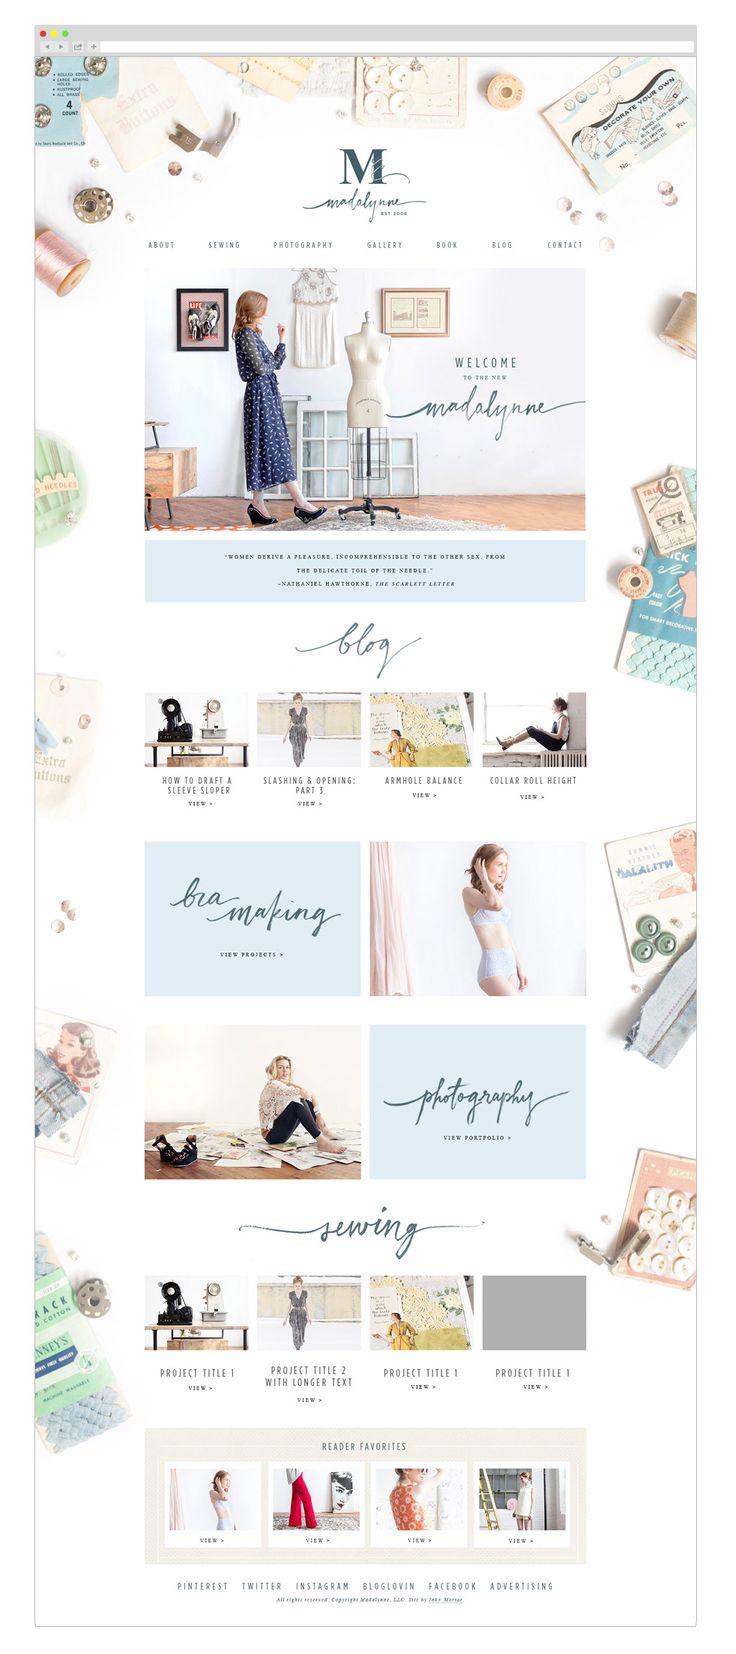 Madalynne Web design by Ink & Mortar Design Co